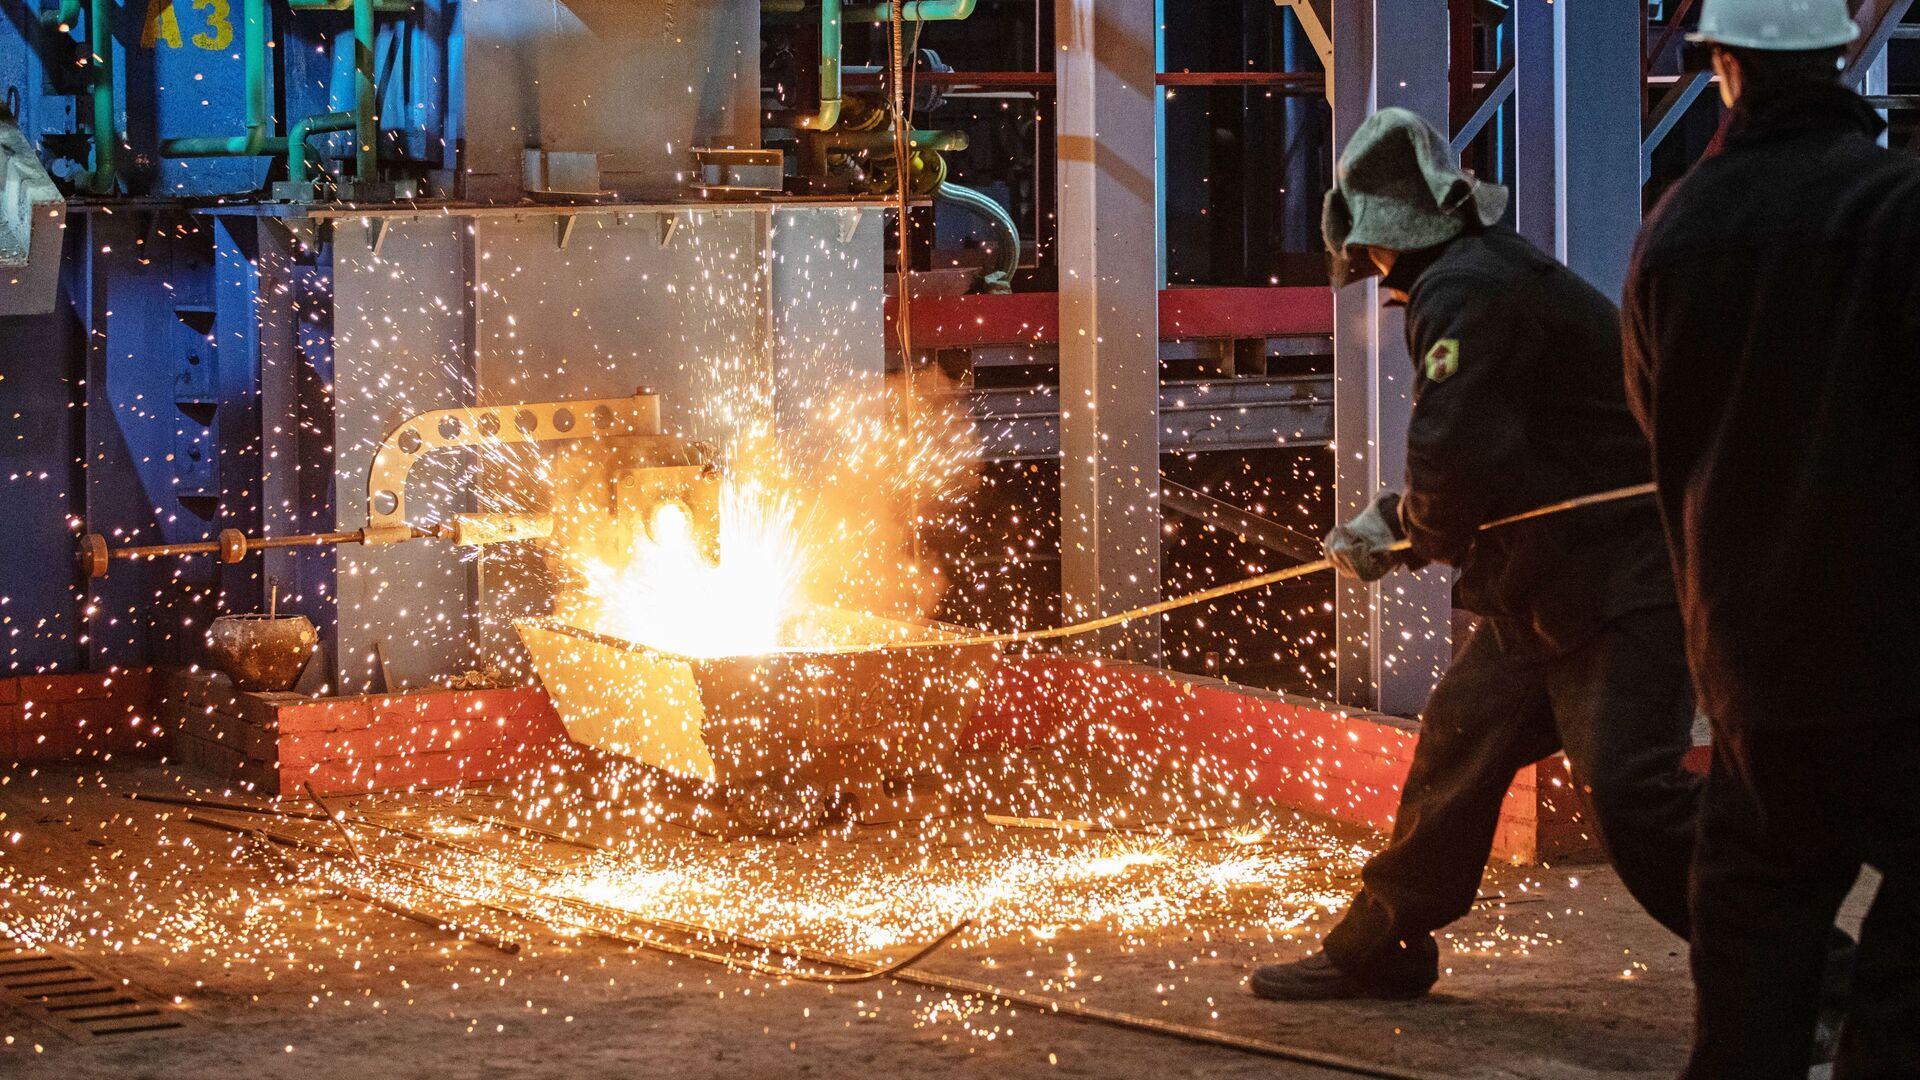 Рабочие у первой пилотной металлургической печи для выплавки чугуна из отходов металлургии в Мценске - РИА Новости, 1920, 04.02.2021